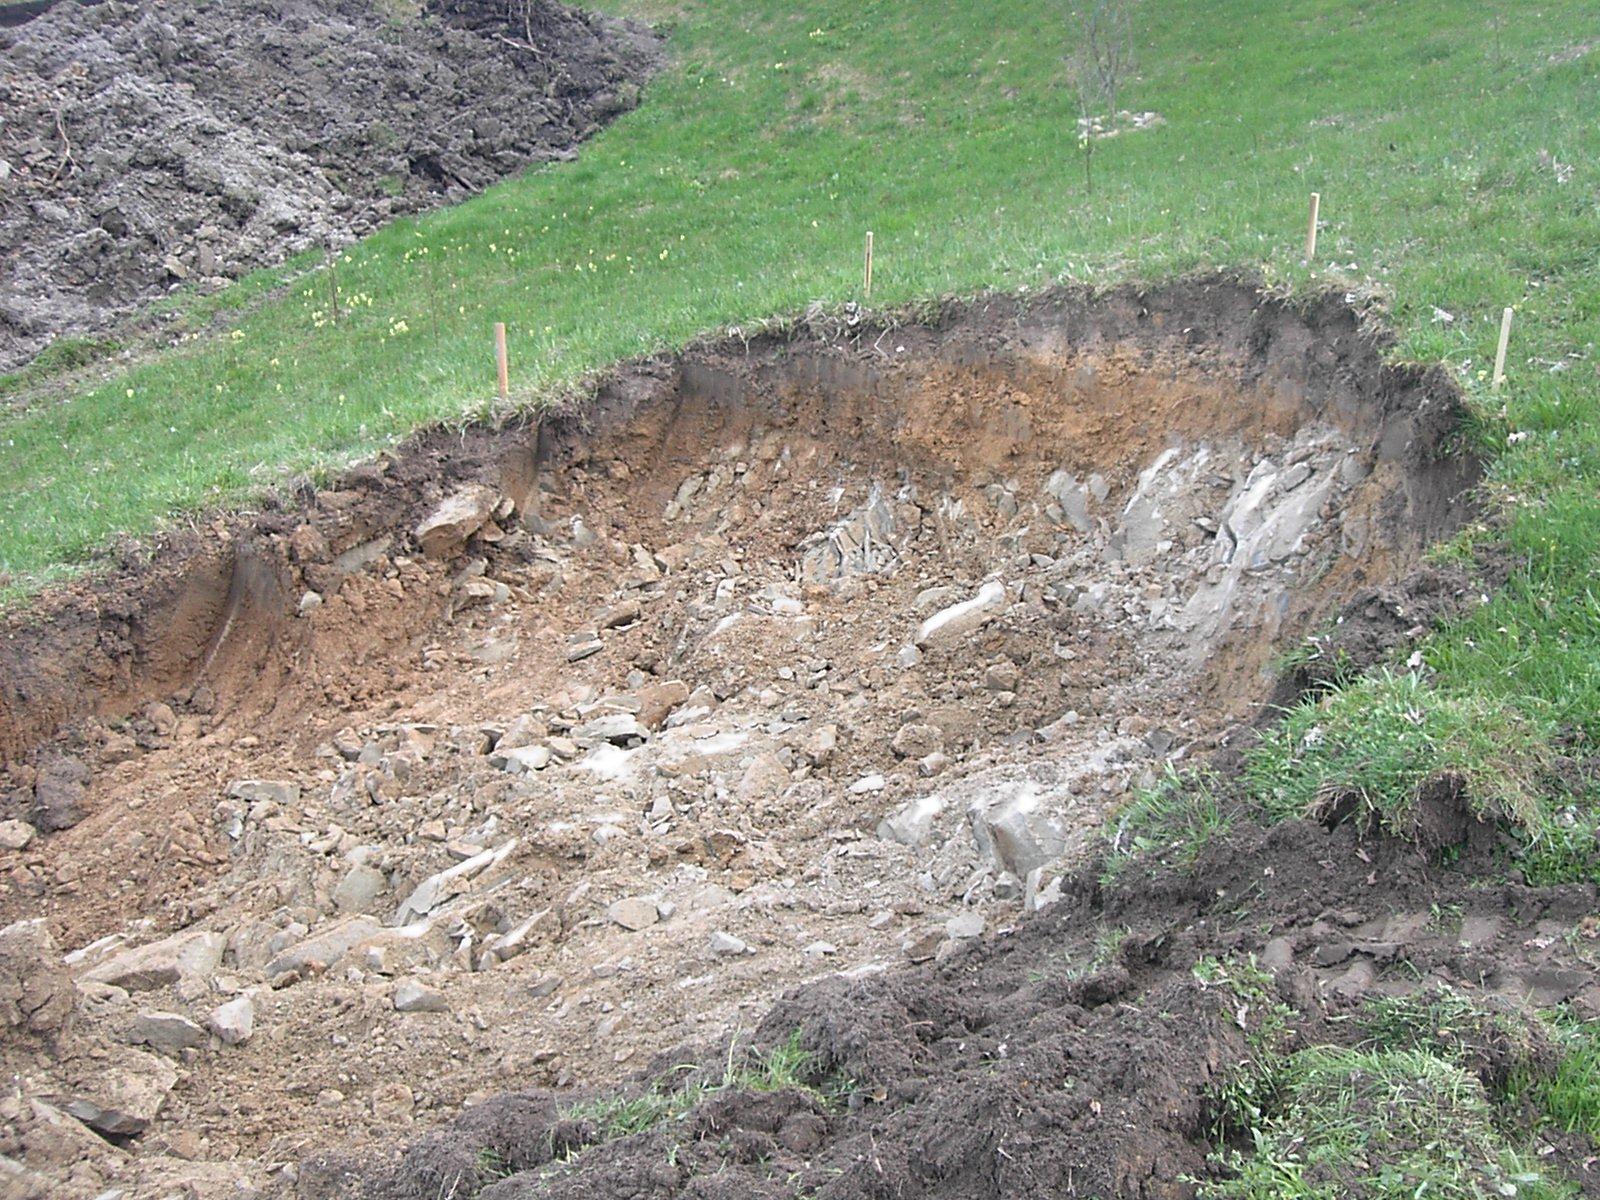 Die Bodenbeschaffenheit: Gras, dicht verwurzelt mit etwas Humus, danach Lehm und Sandstein.